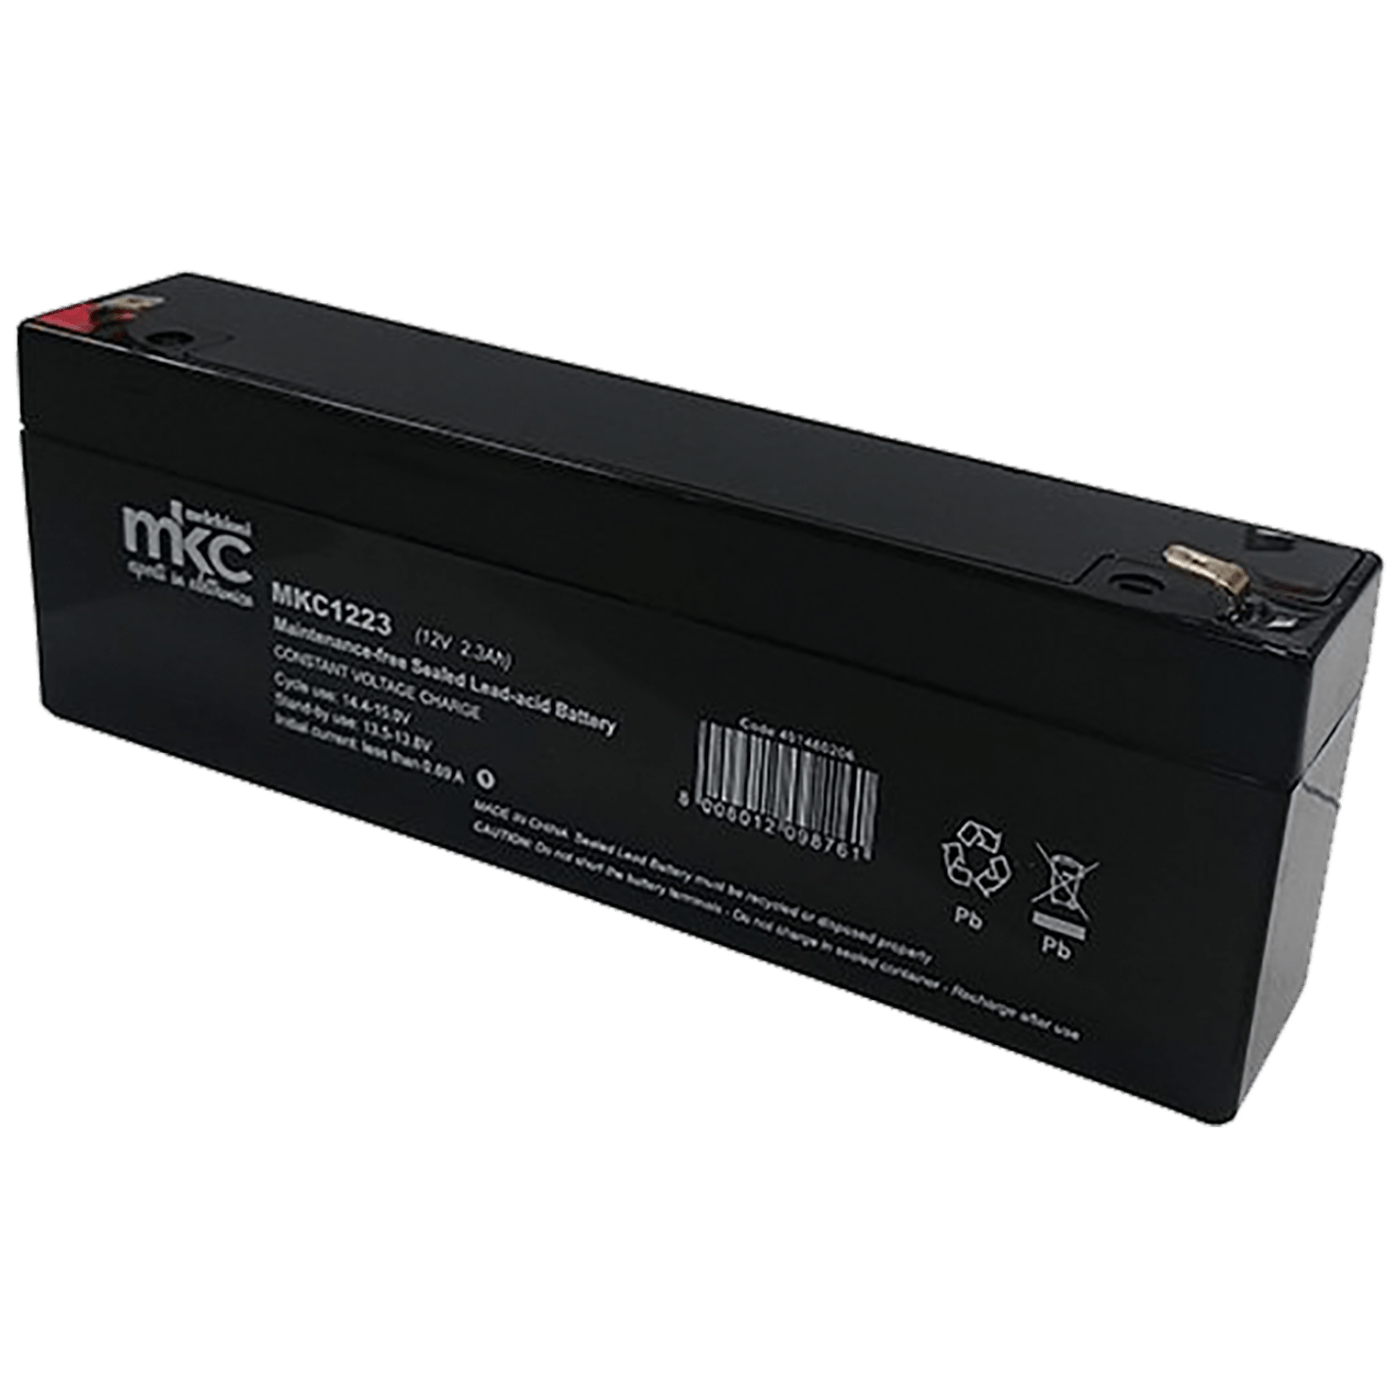 MKC - MKC1223